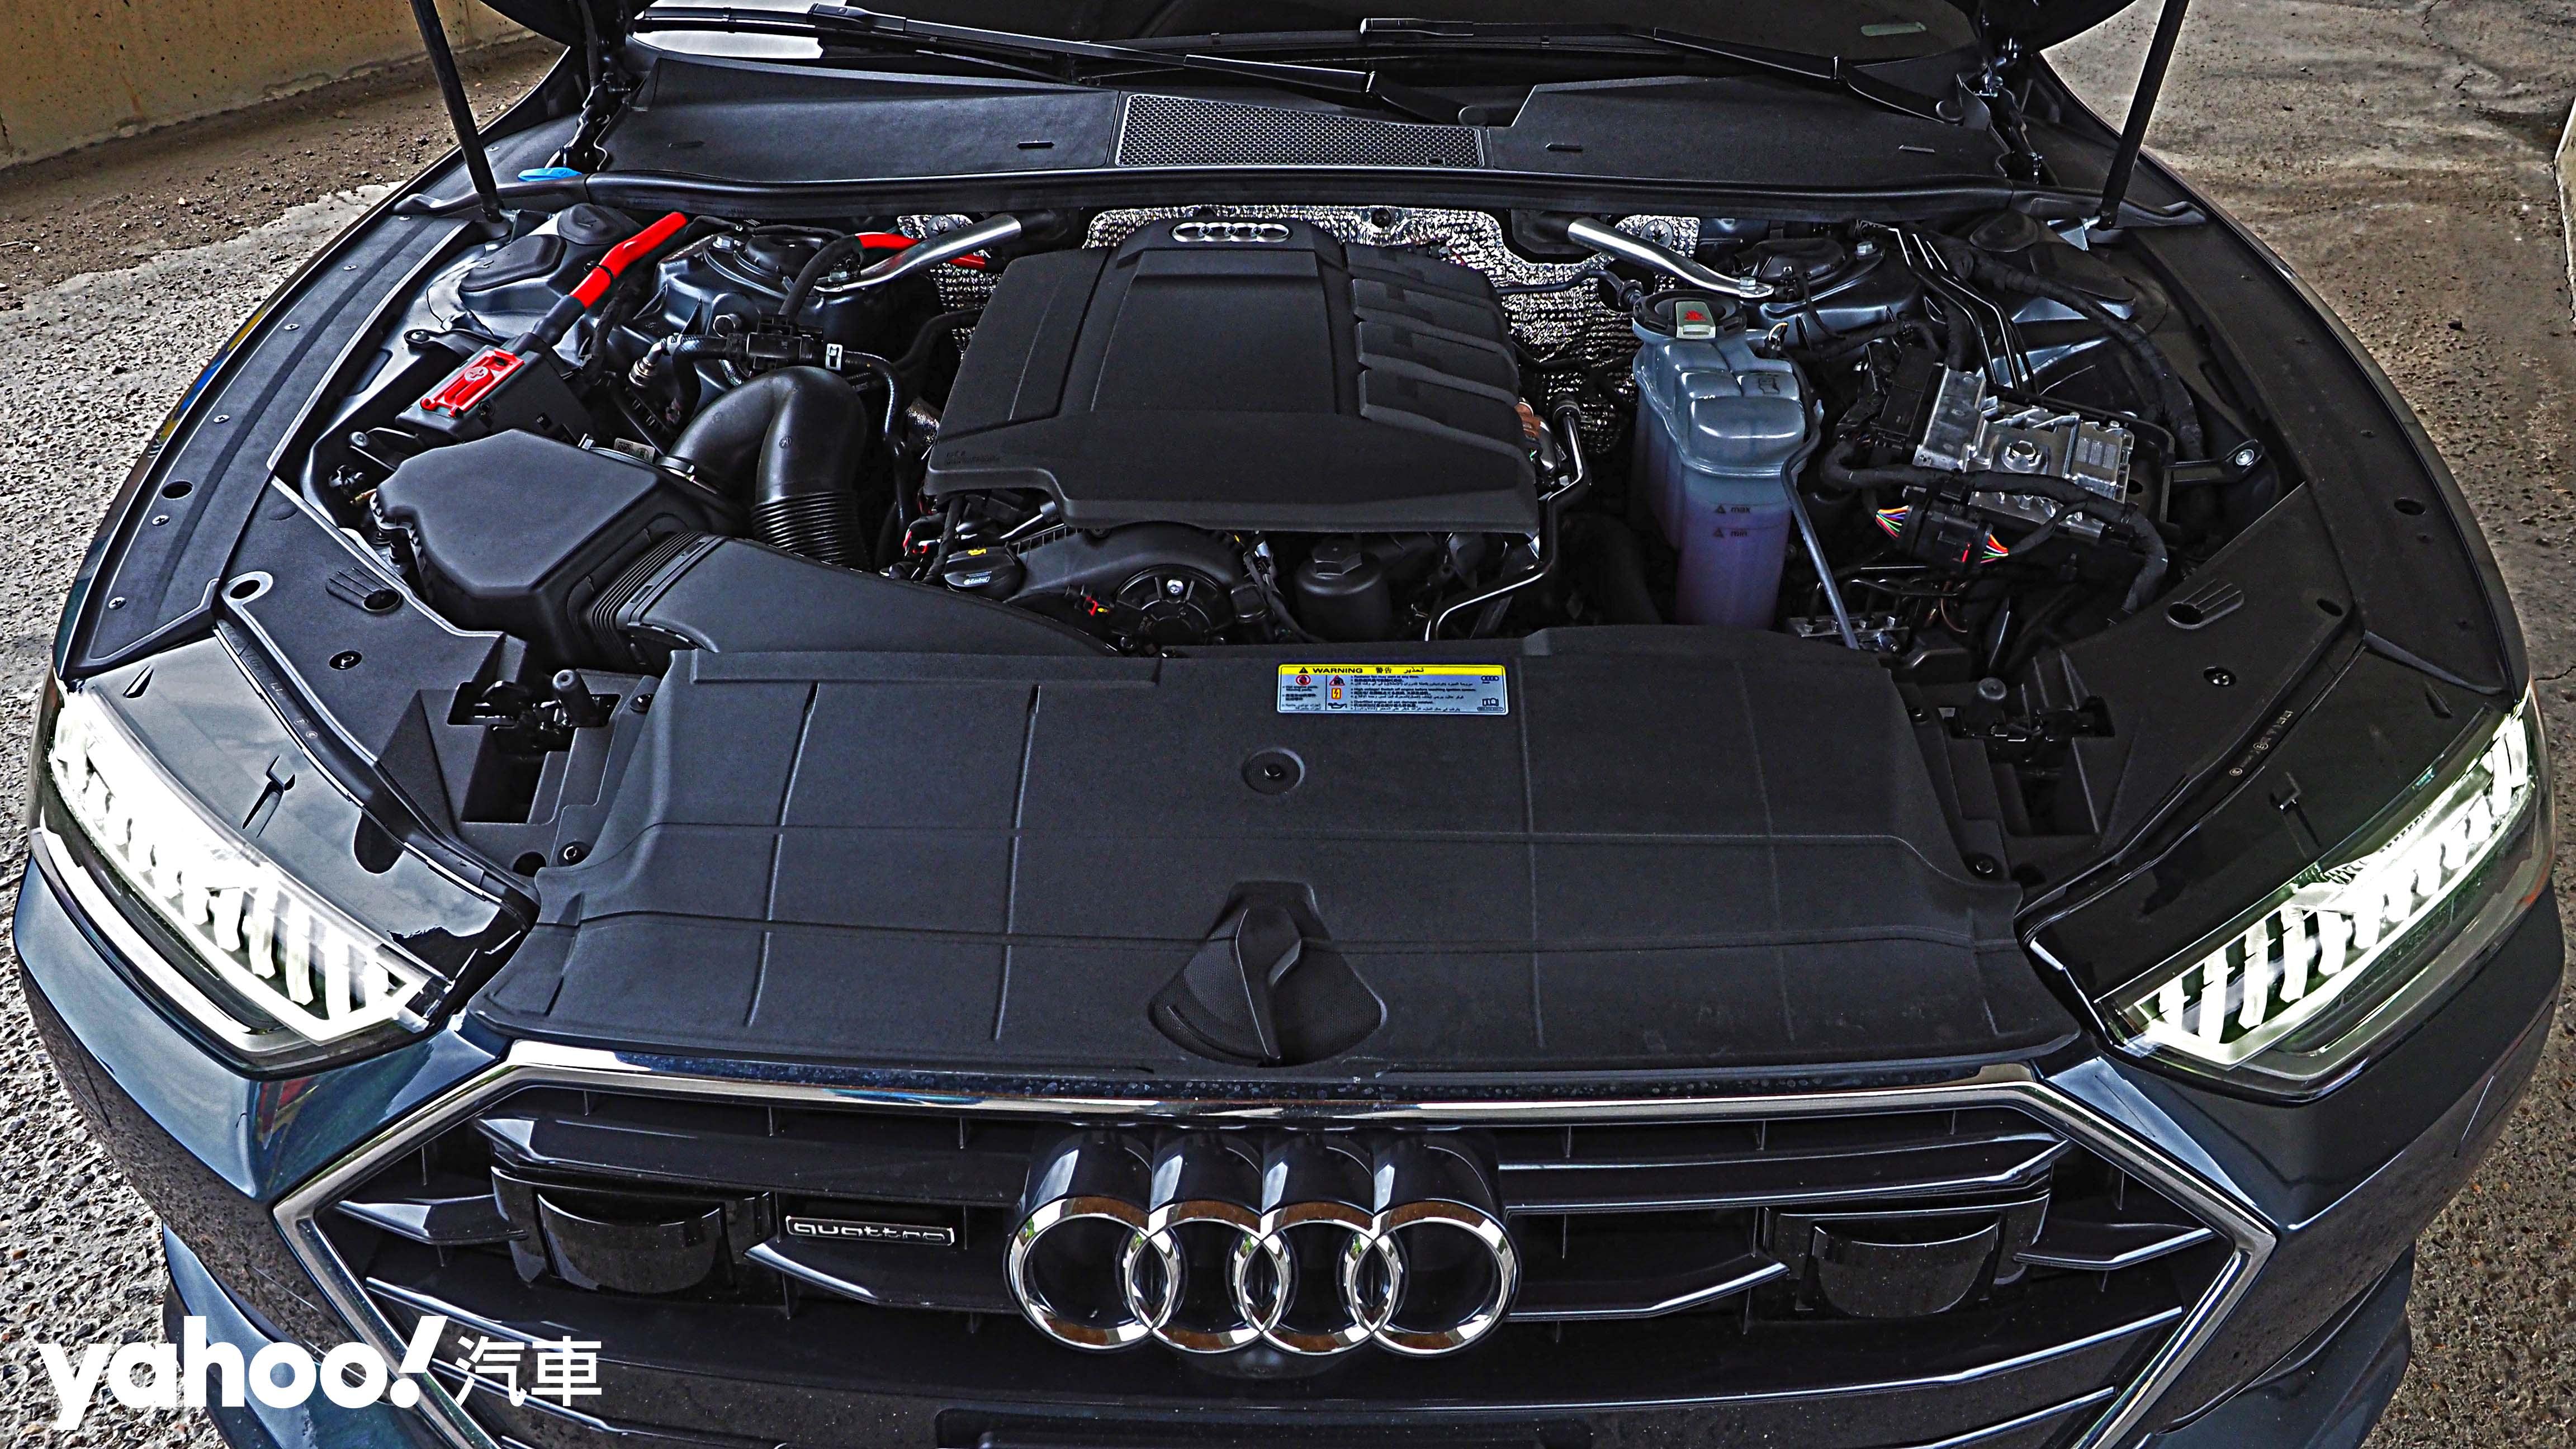 劃破凝滯氣息的條頓雙面刃!2020 Audi A7 Sportback 45 TFSI quattro微雨試駕 - 6